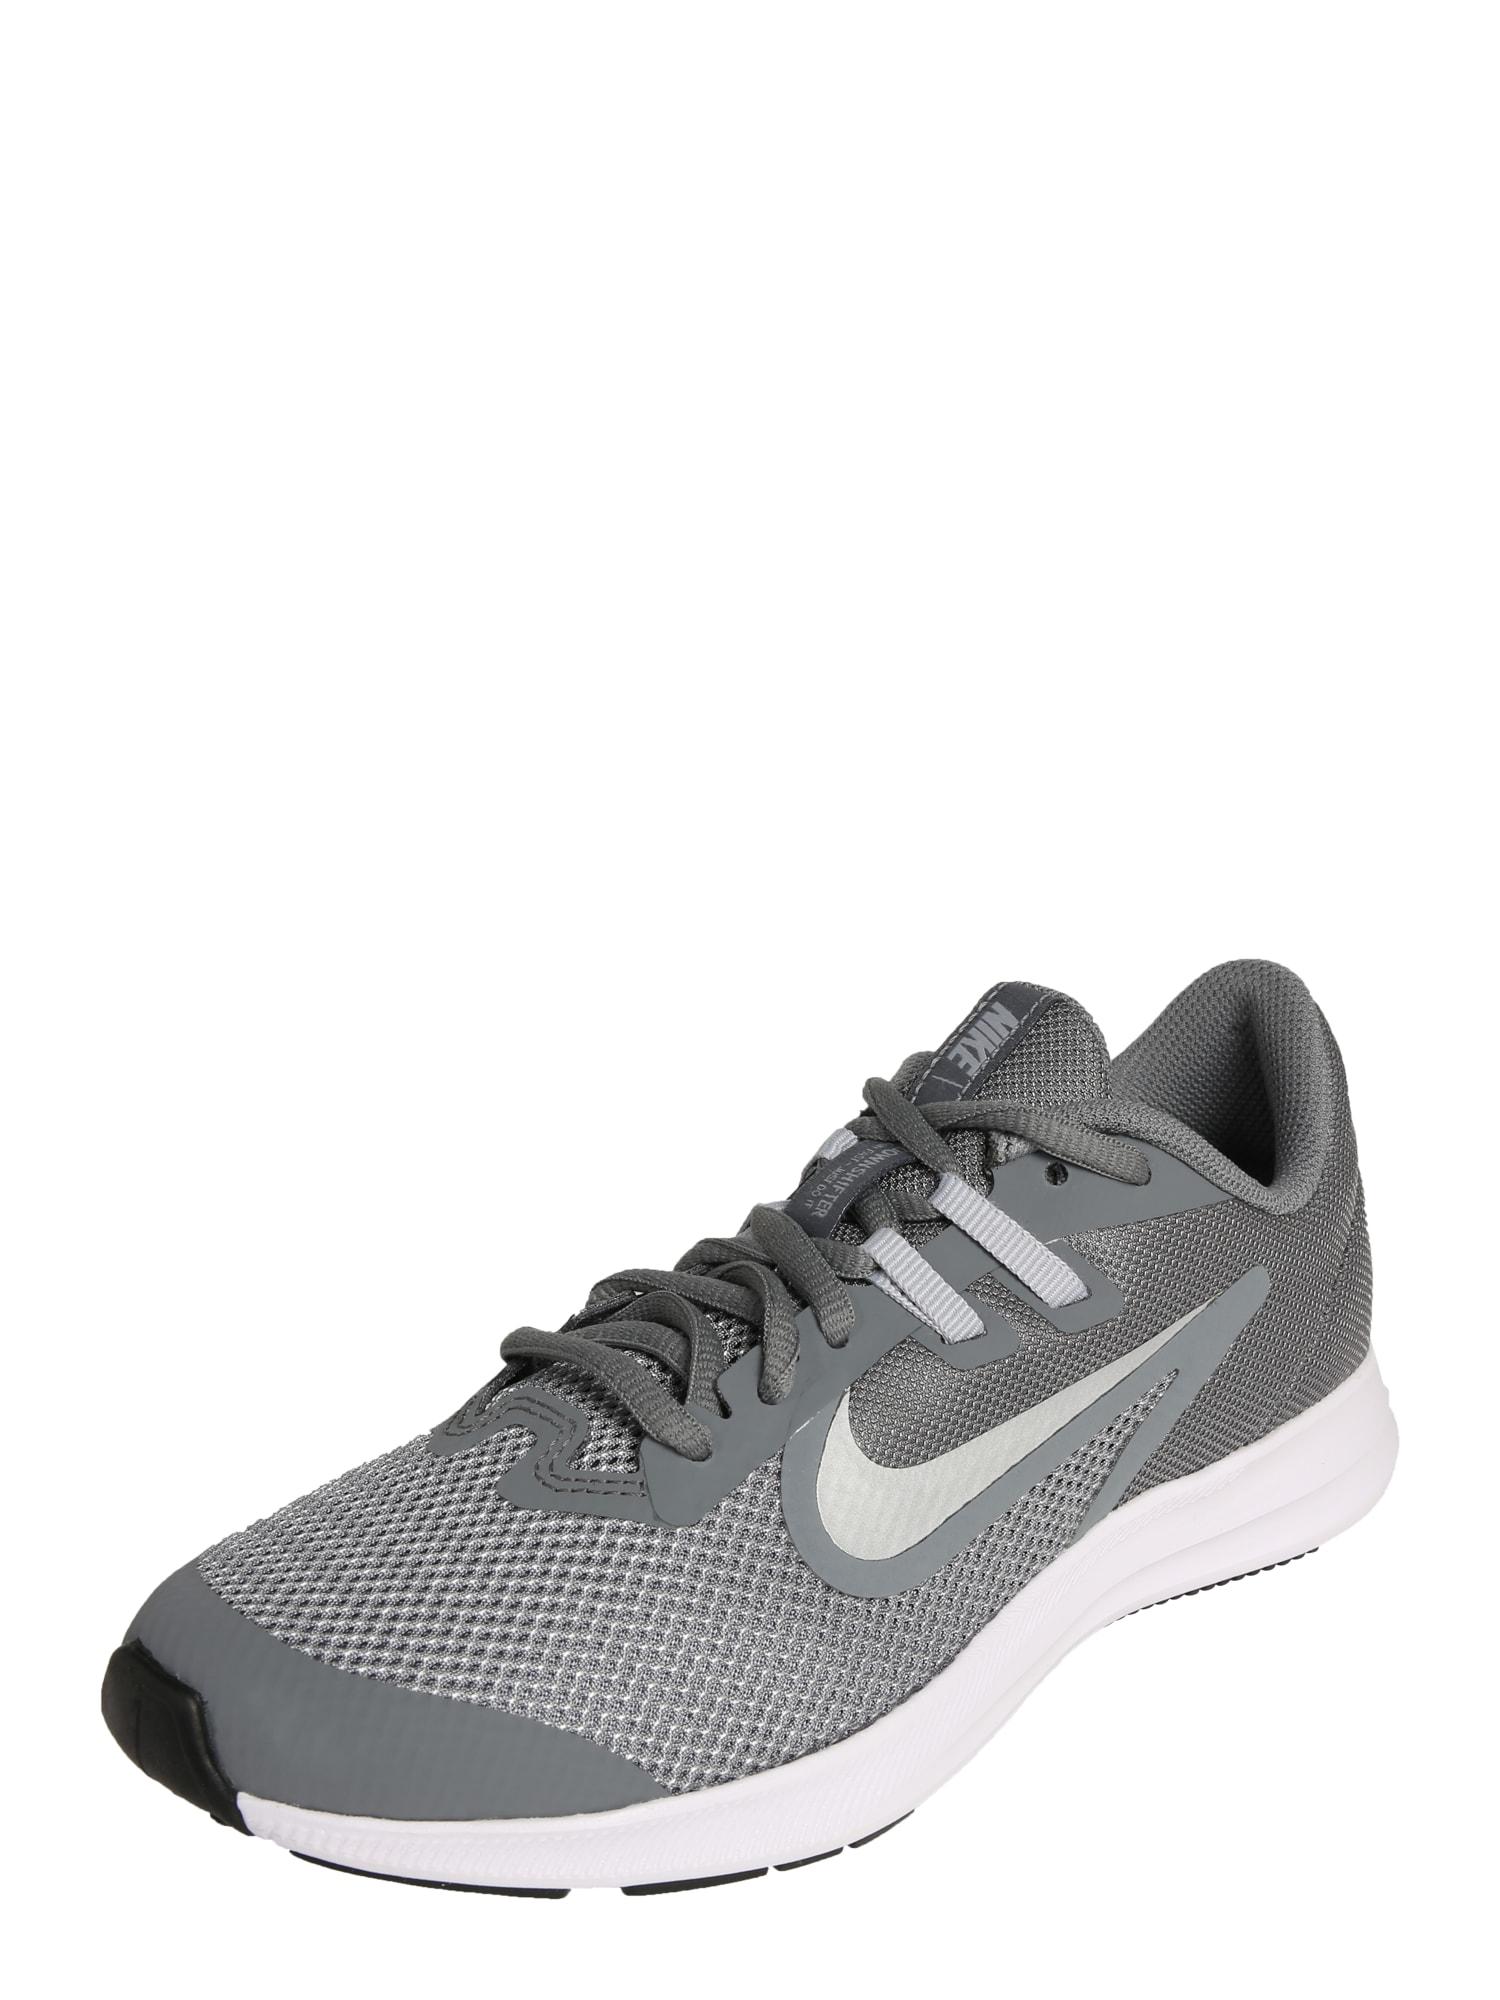 Sportovní boty Downshifter 9 světle šedá bílá NIKE